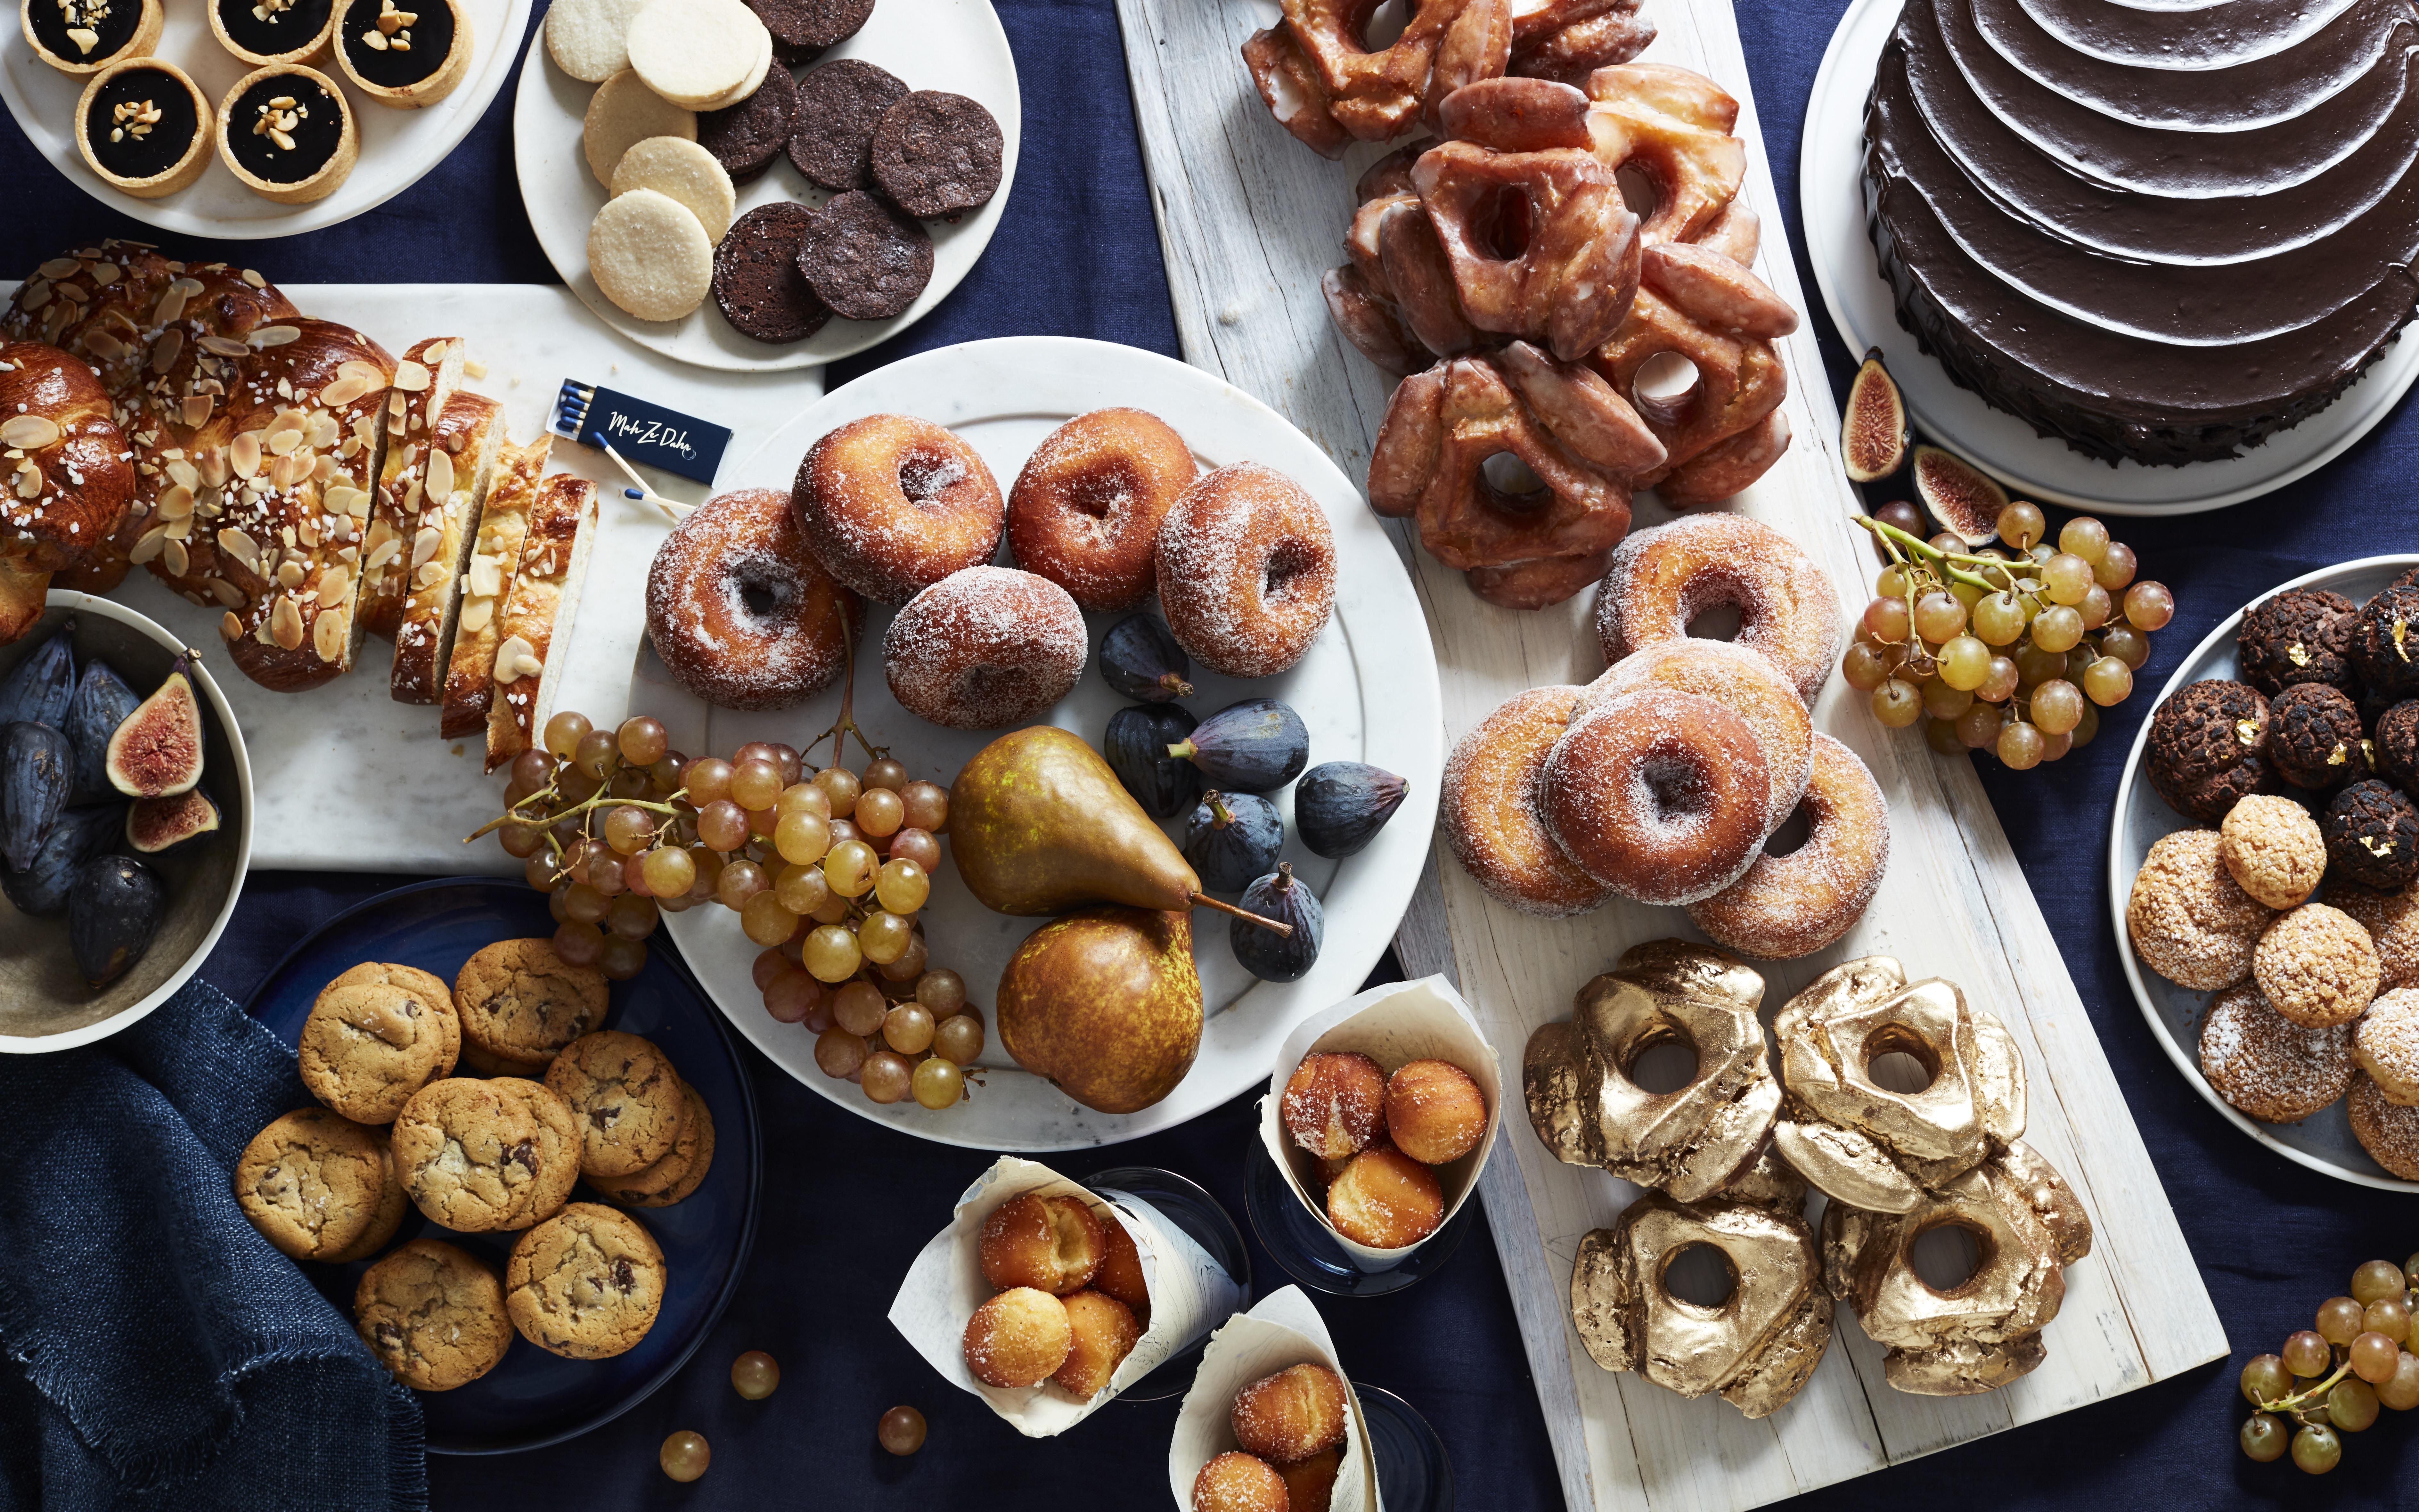 Opulent treats at Mah-Ze-Dahr, now open in Navy Yard.